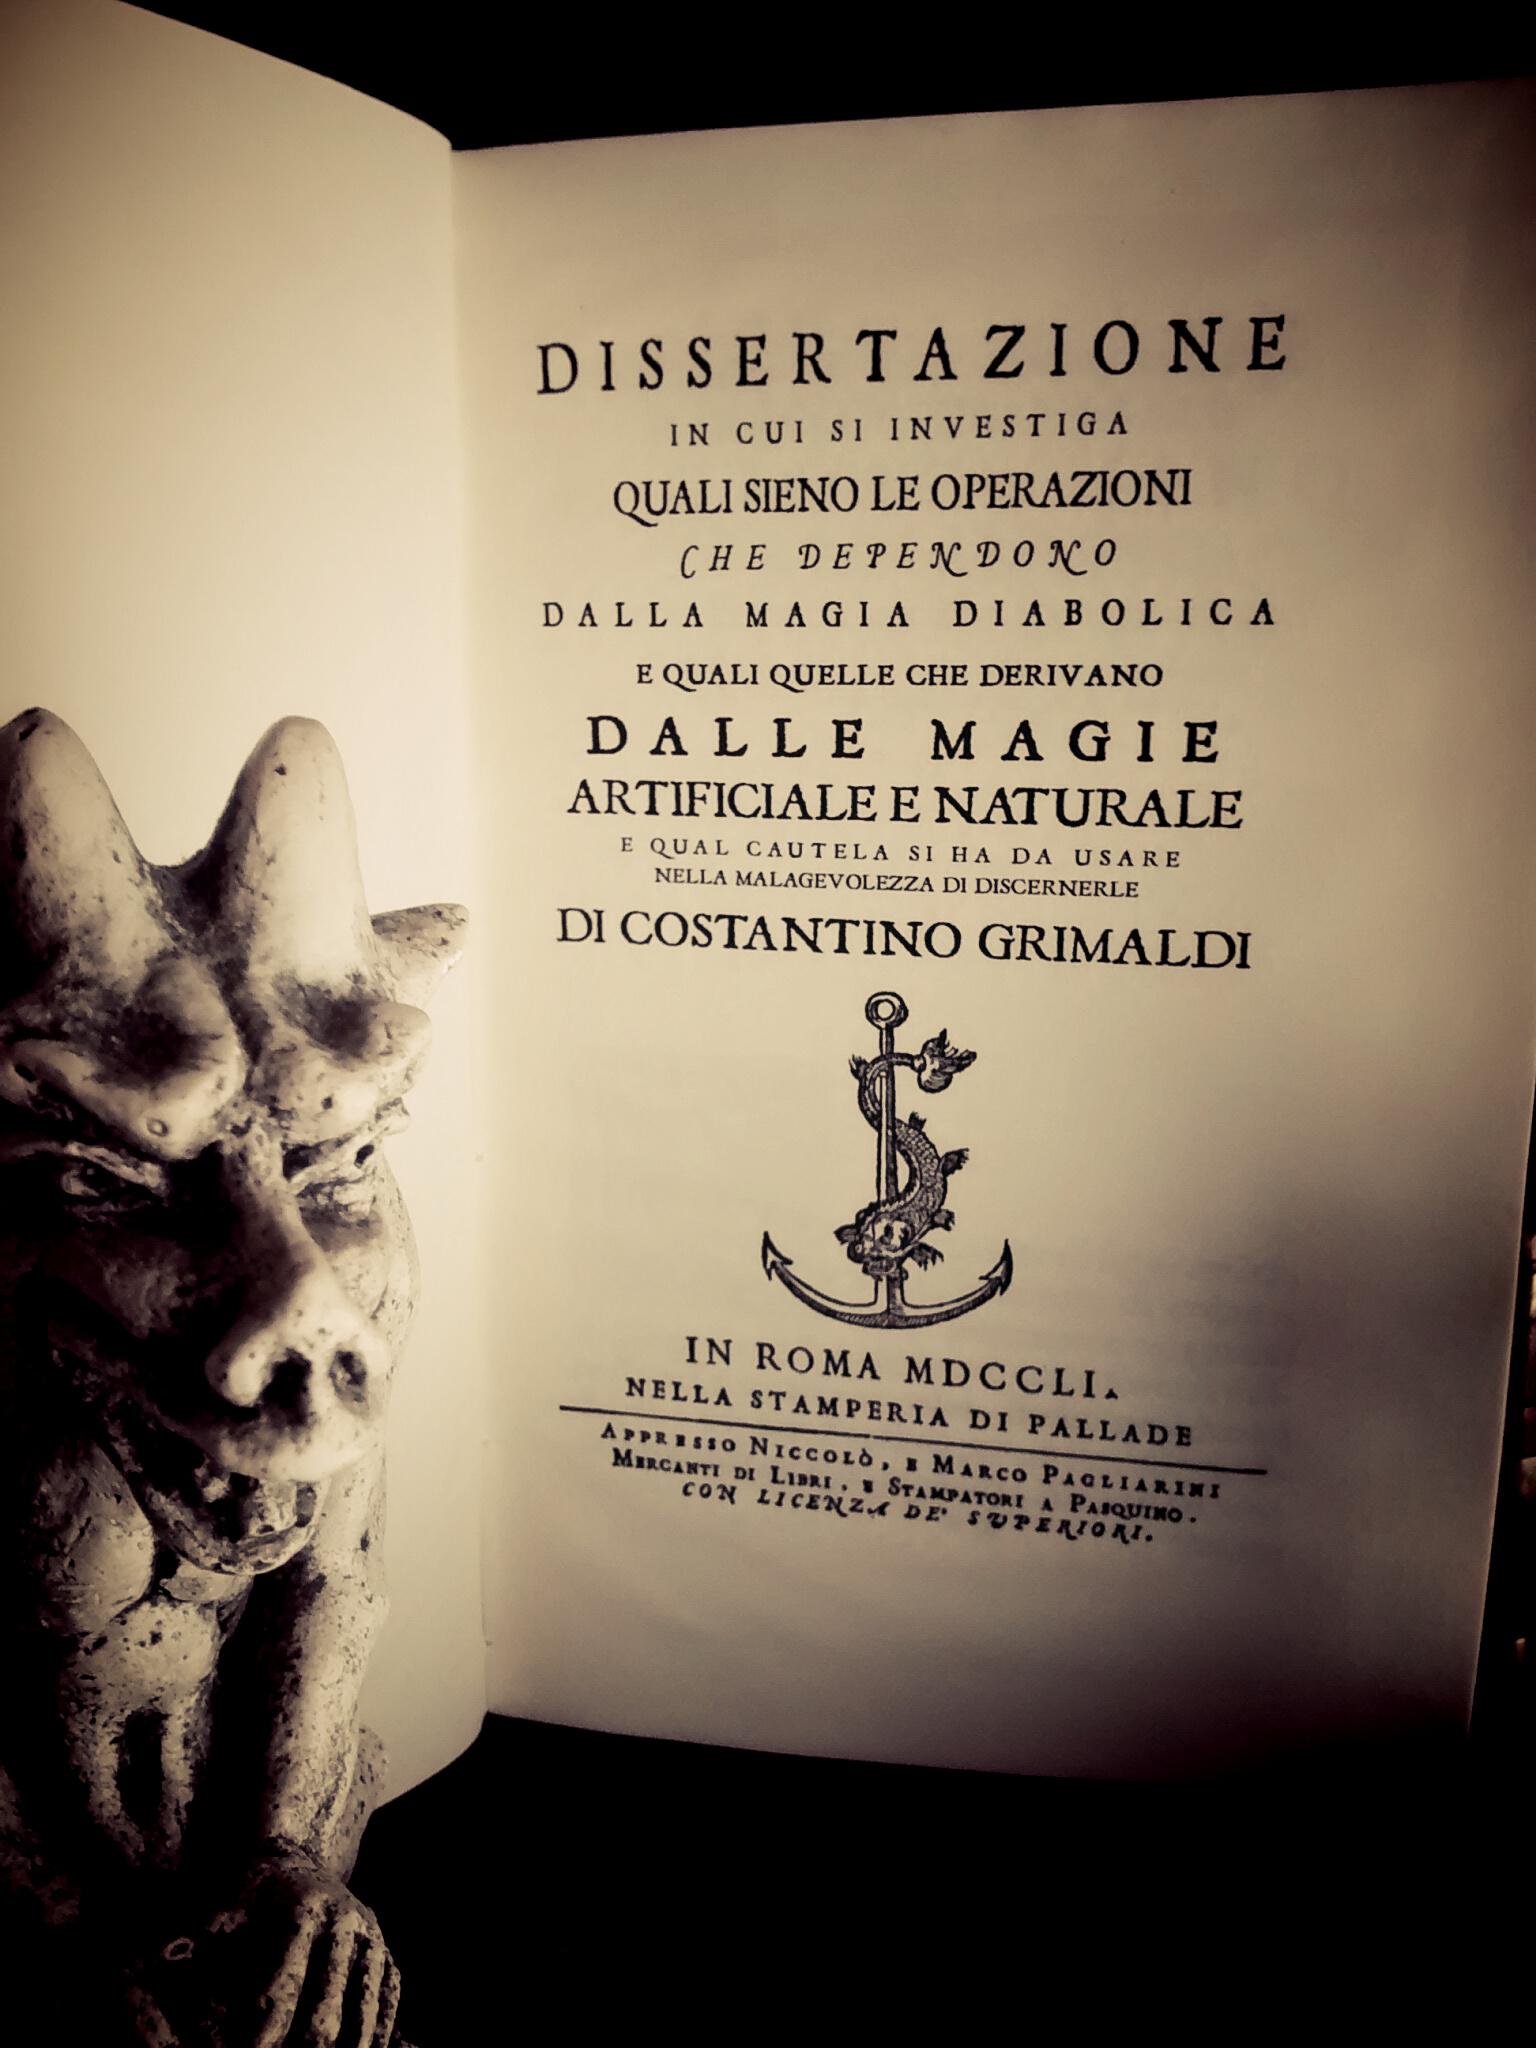 Dissertazione sulla Magia Diabolica – 1751 Costantino Grimaldi